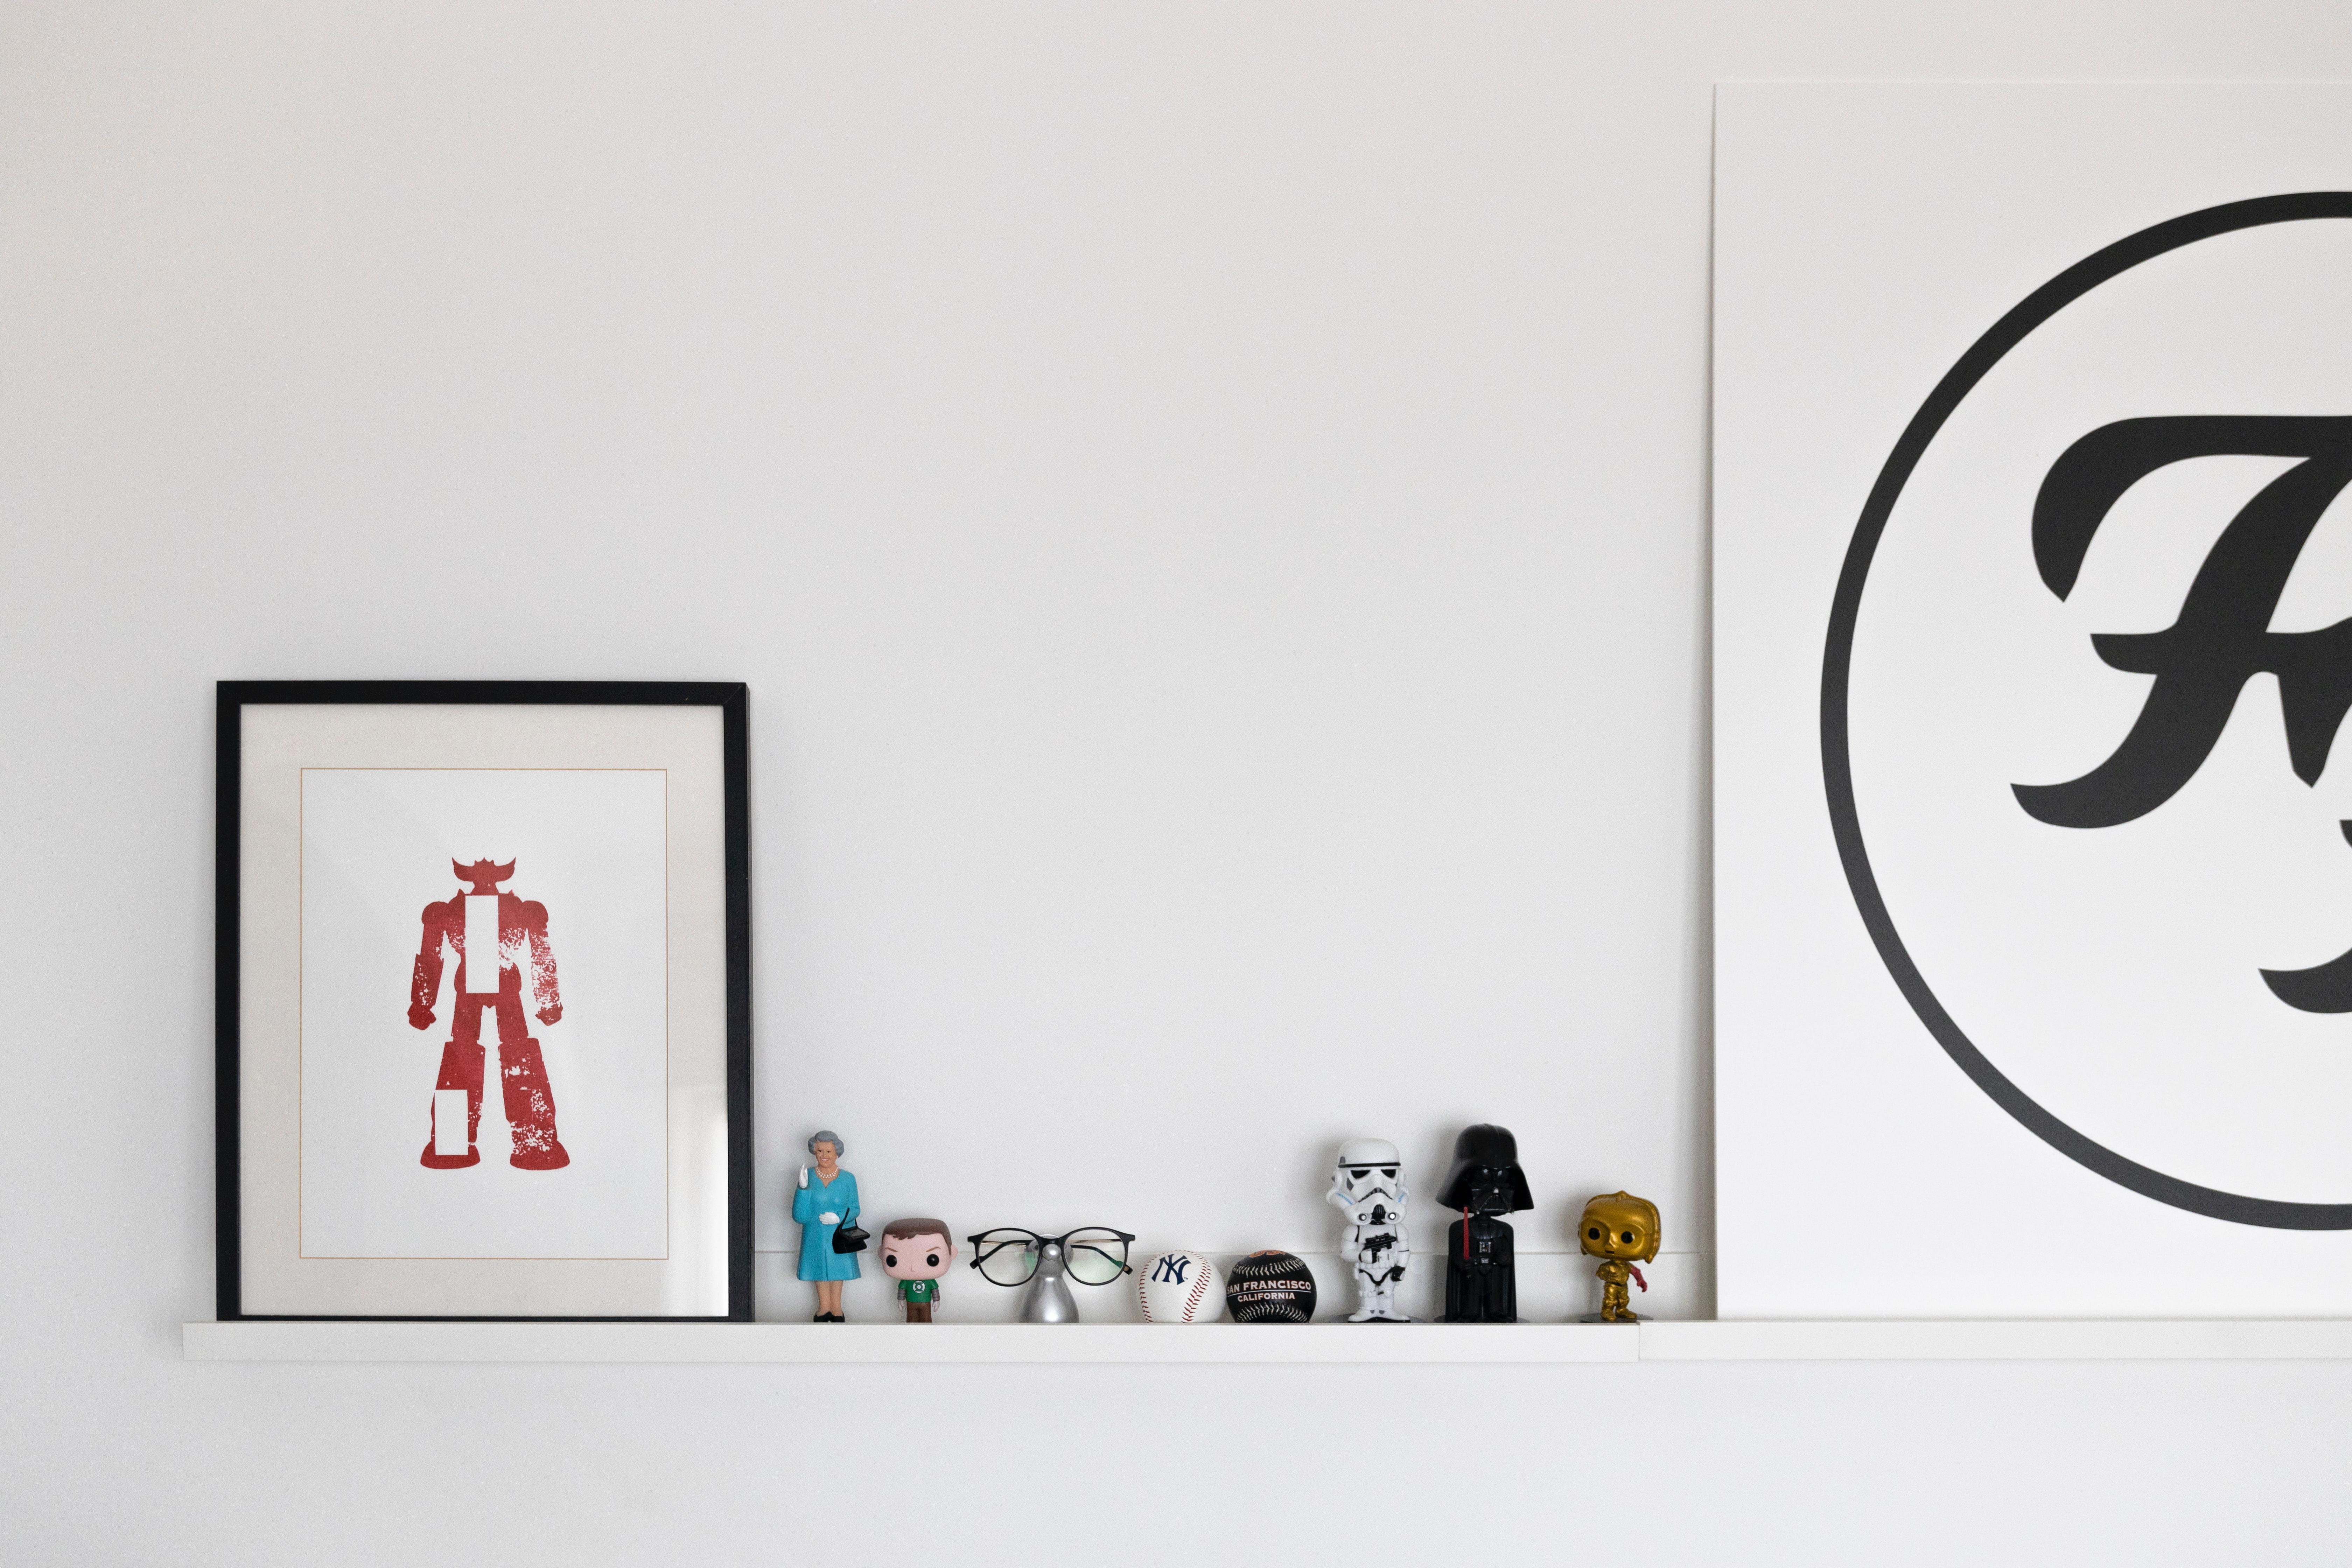 Uma prateleira com bonecos de filmes, óculos e um disco do Foo Fighters